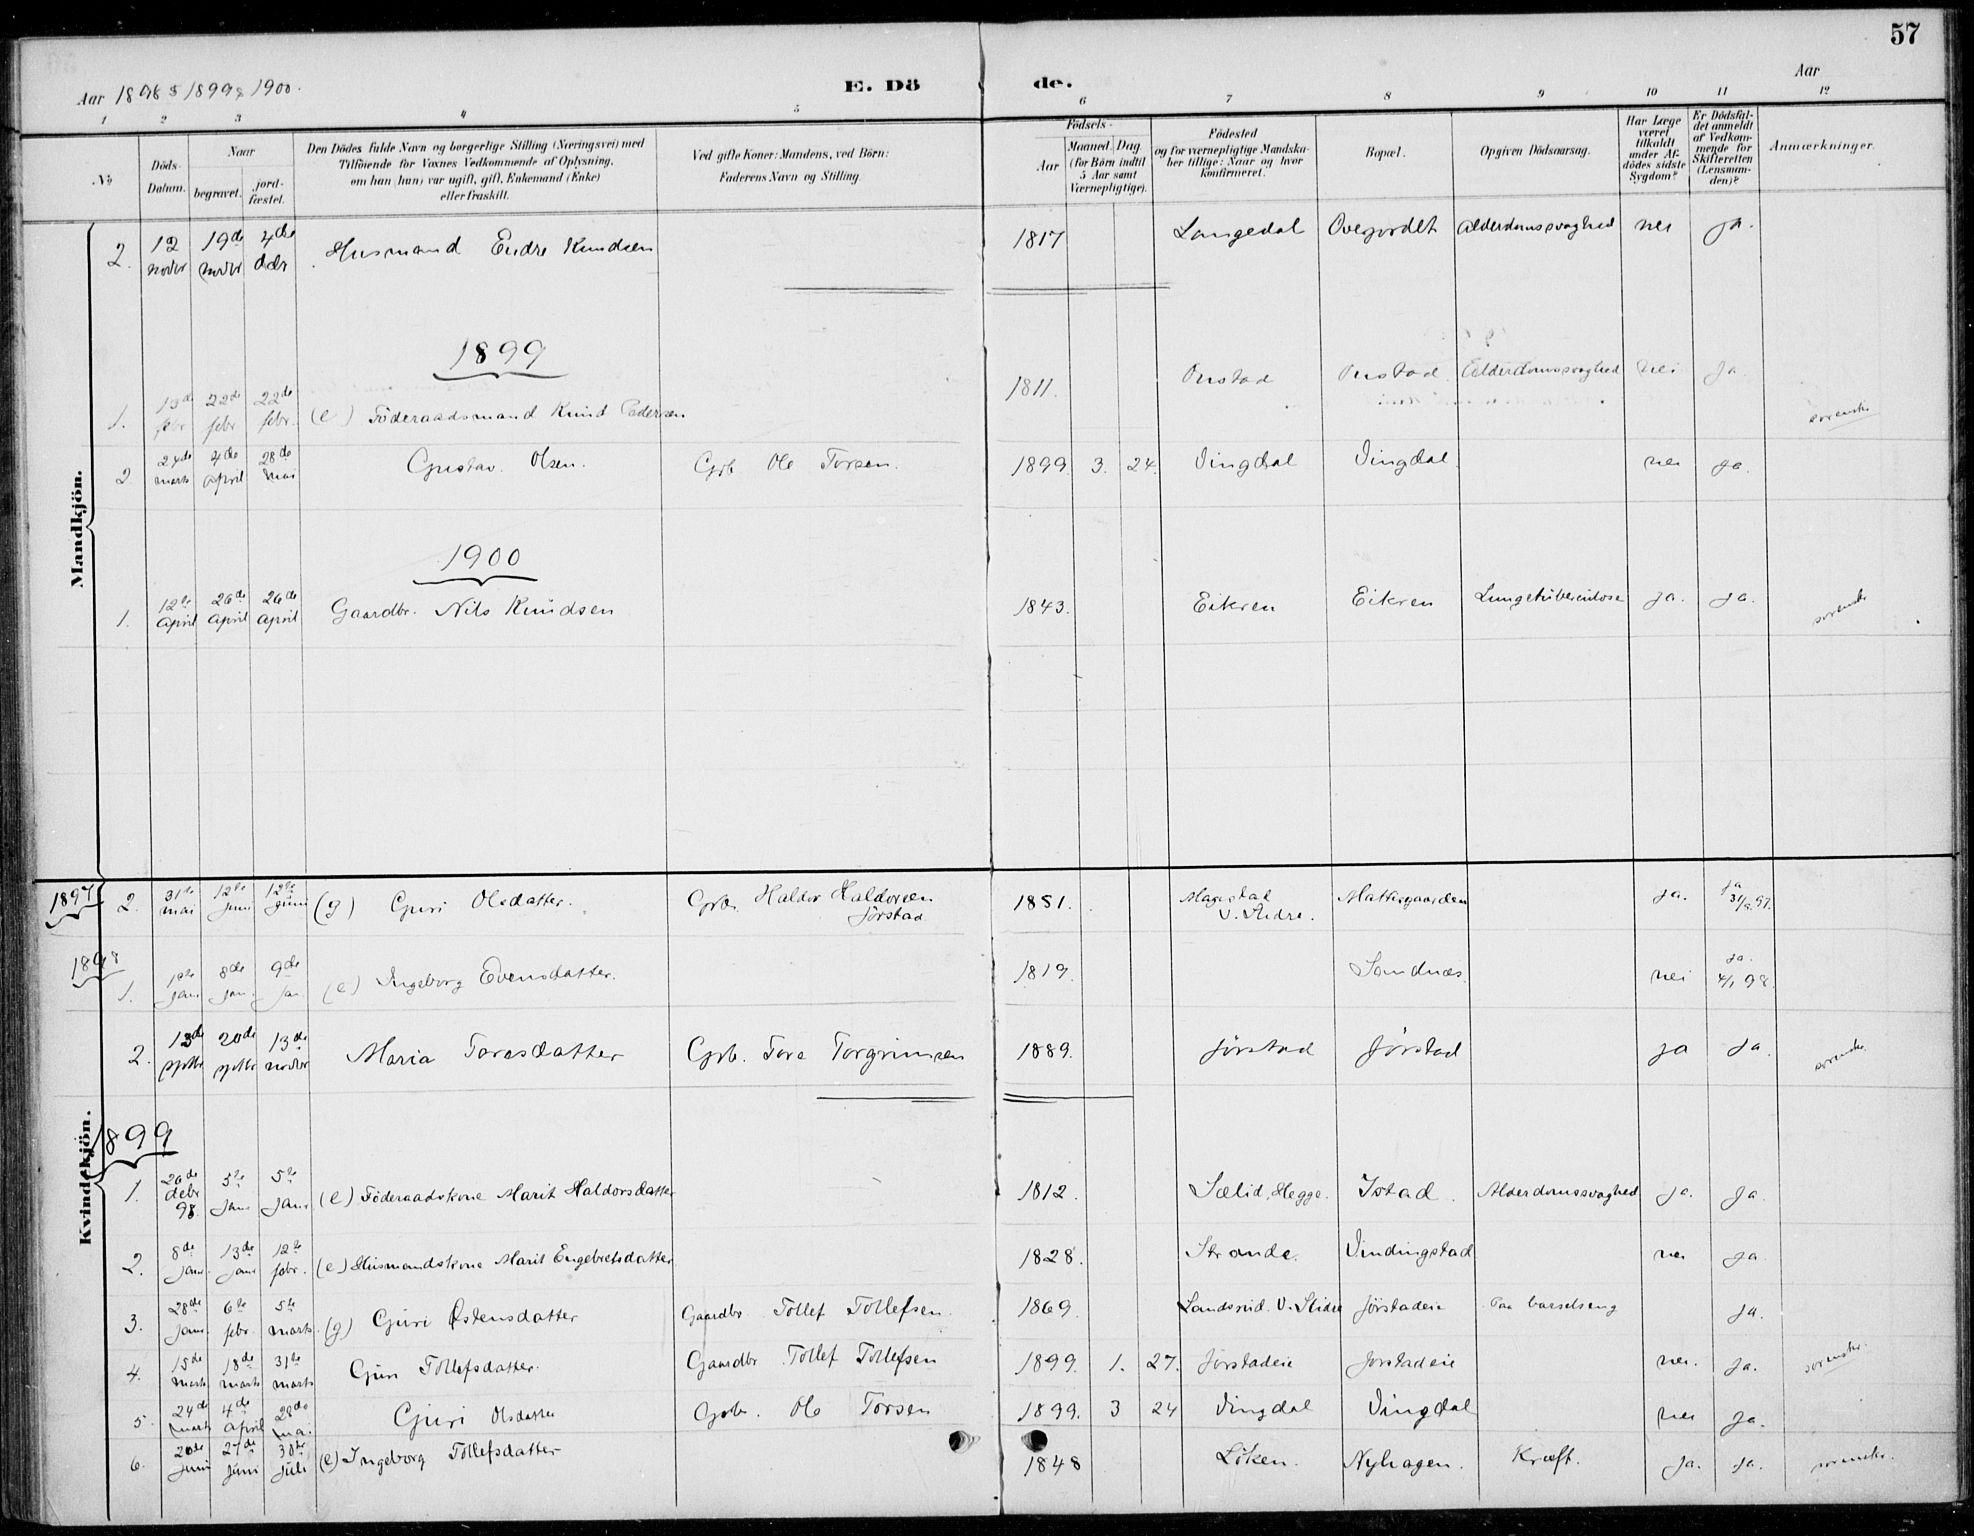 SAH, Øystre Slidre prestekontor, Ministerialbok nr. 5, 1887-1916, s. 57